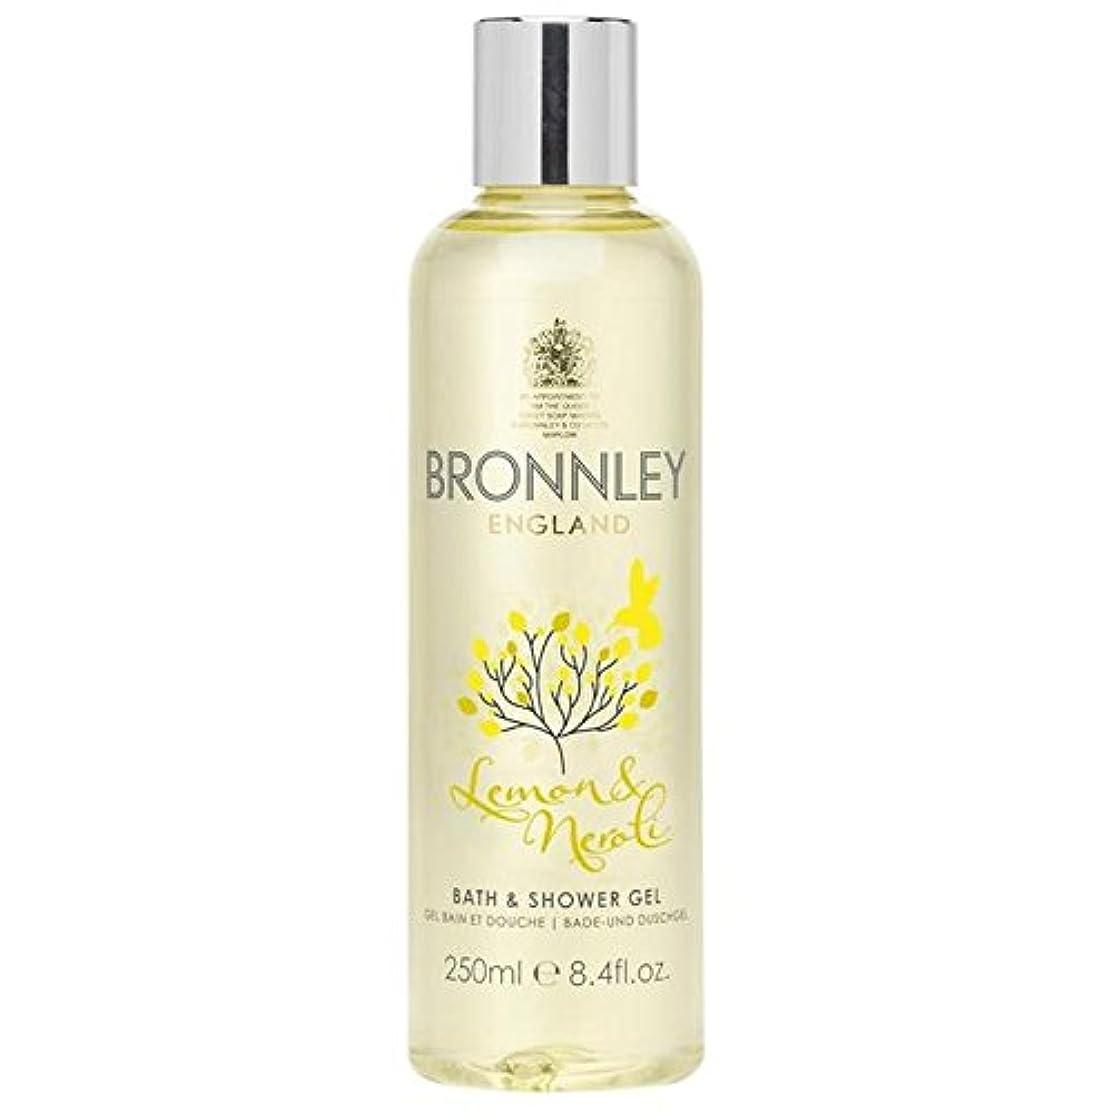 意欲圧縮する神秘的なレモン&ネロリバス&シャワージェル250ミリリットル x4 - Bronnley Lemon & Neroli Bath & Shower Gel 250ml (Pack of 4) [並行輸入品]